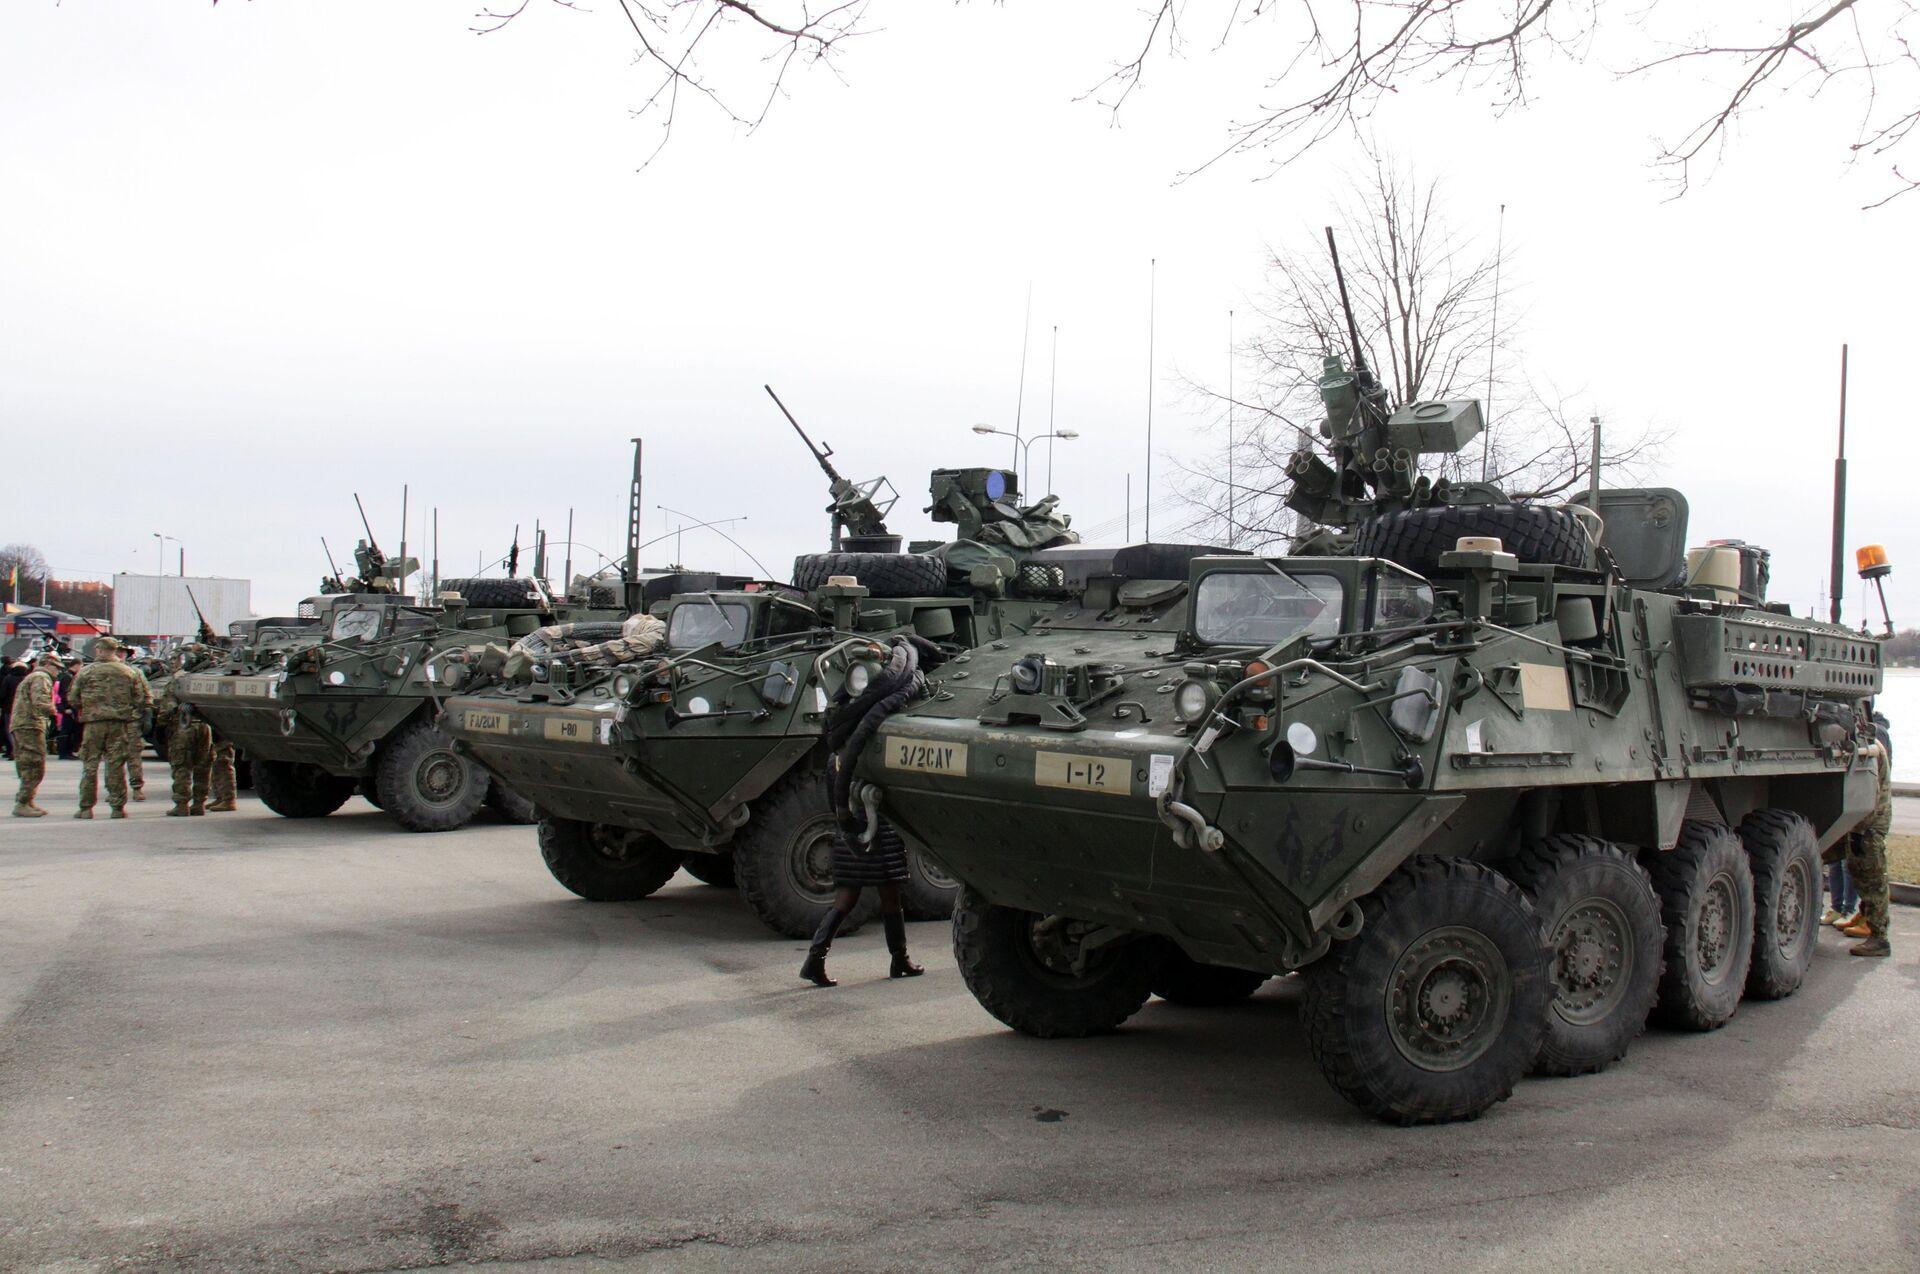 Показательный марш военнослужащих армии США Dragoon Ride в Латвии - РИА Новости, 1920, 21.05.2021